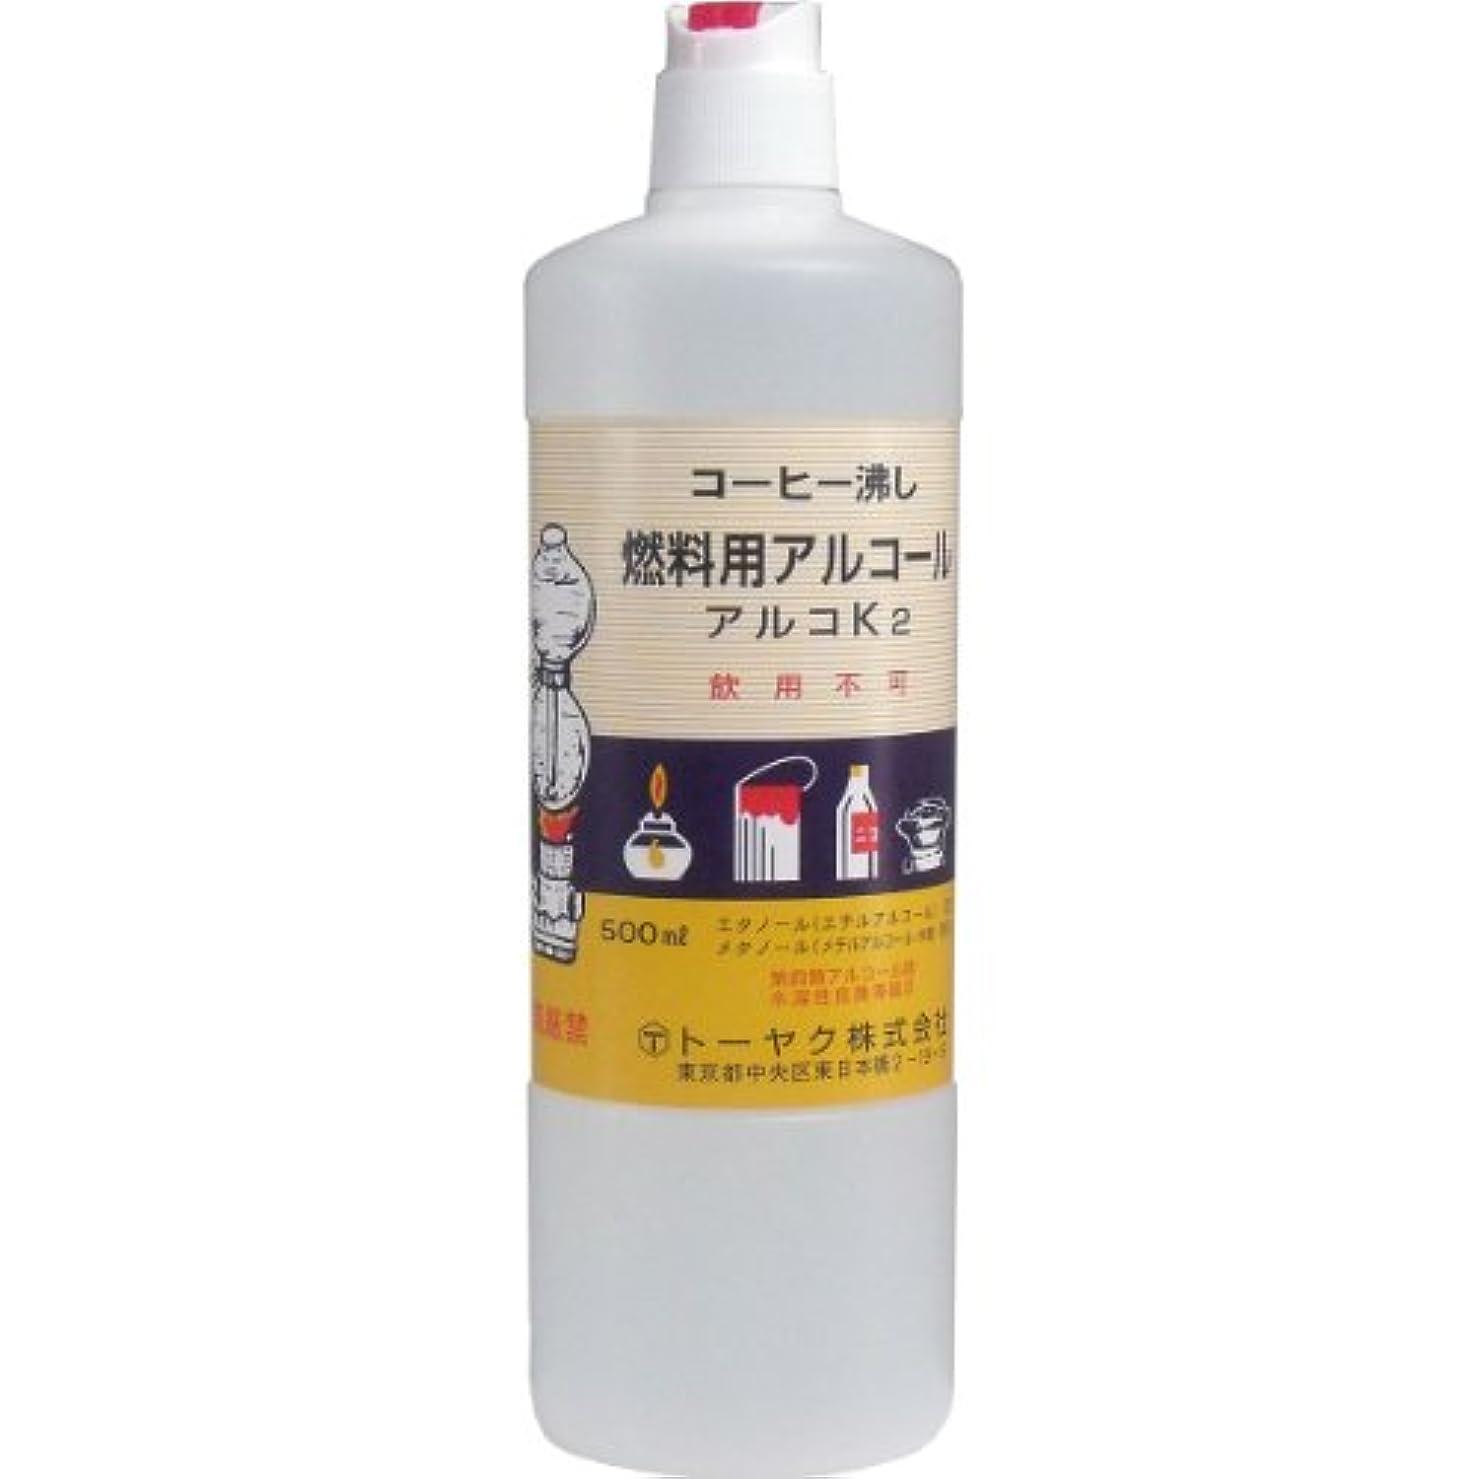 ミッション凝視珍味燃料用アルコール アルコK2 ×3個セット